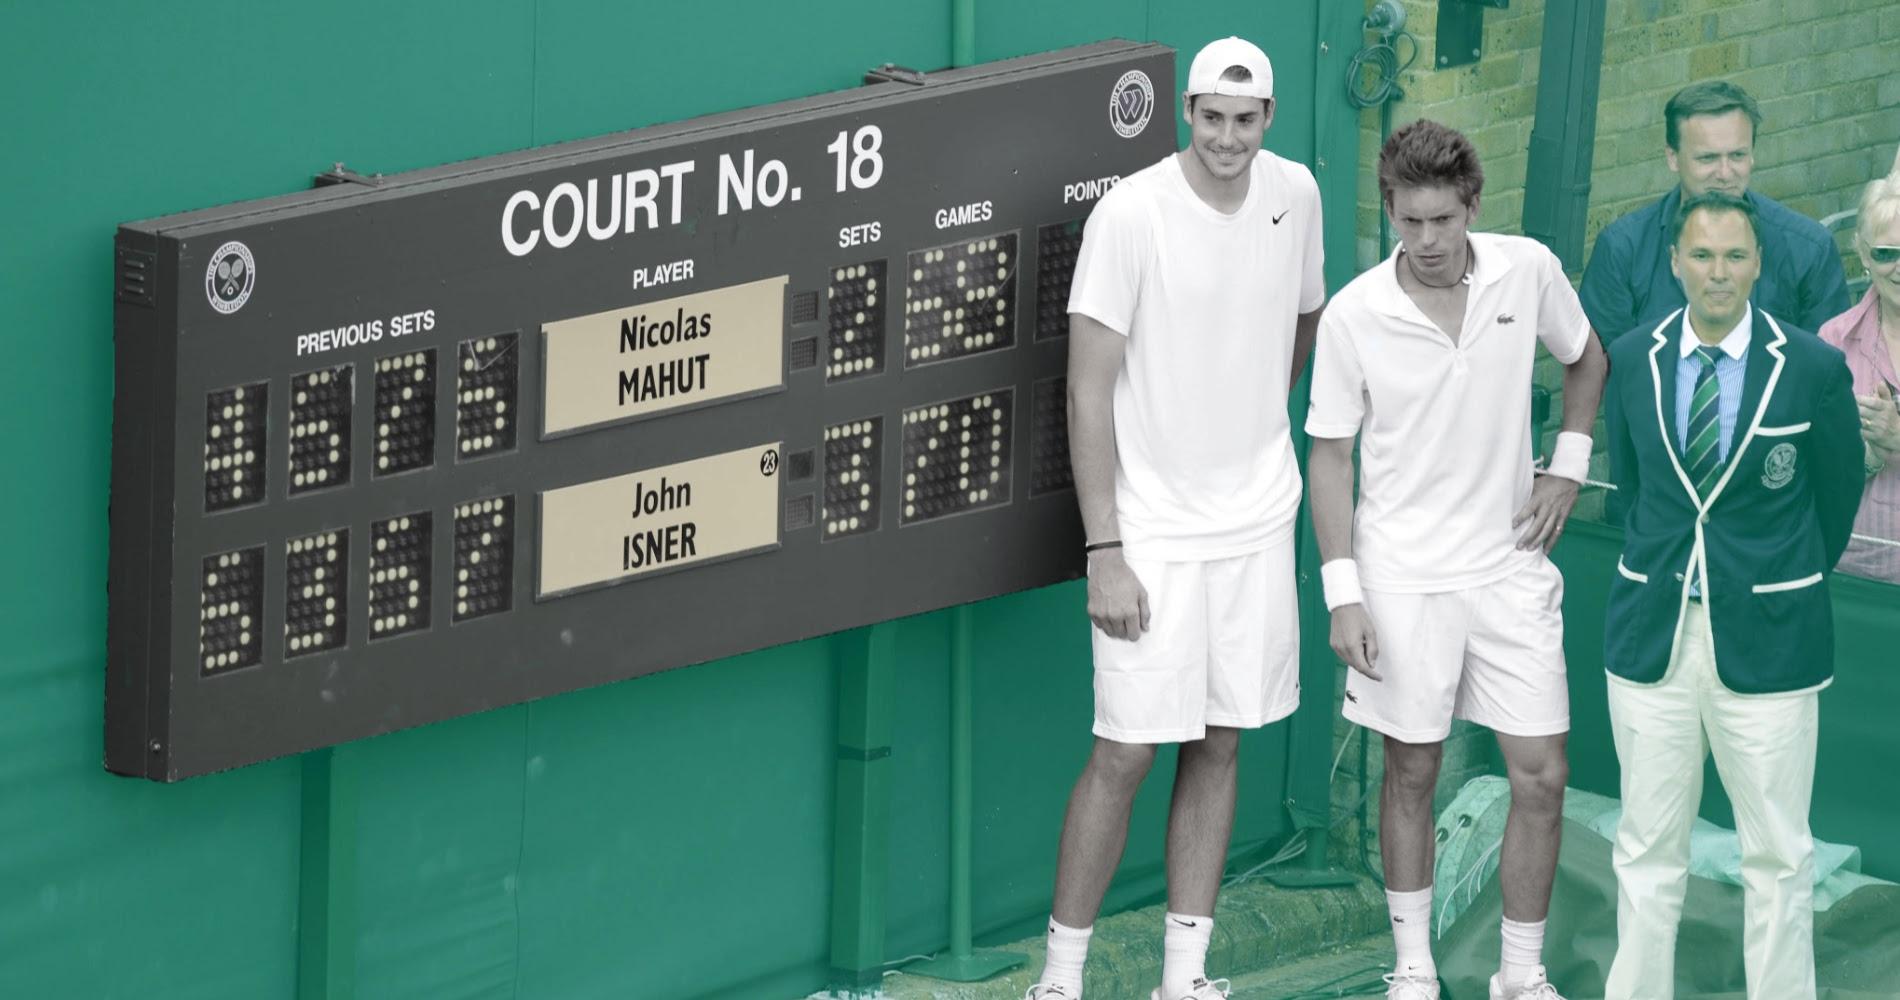 Nicolas Mahut et John Isner ont joué le match le plus long de l'histoire du tennis :